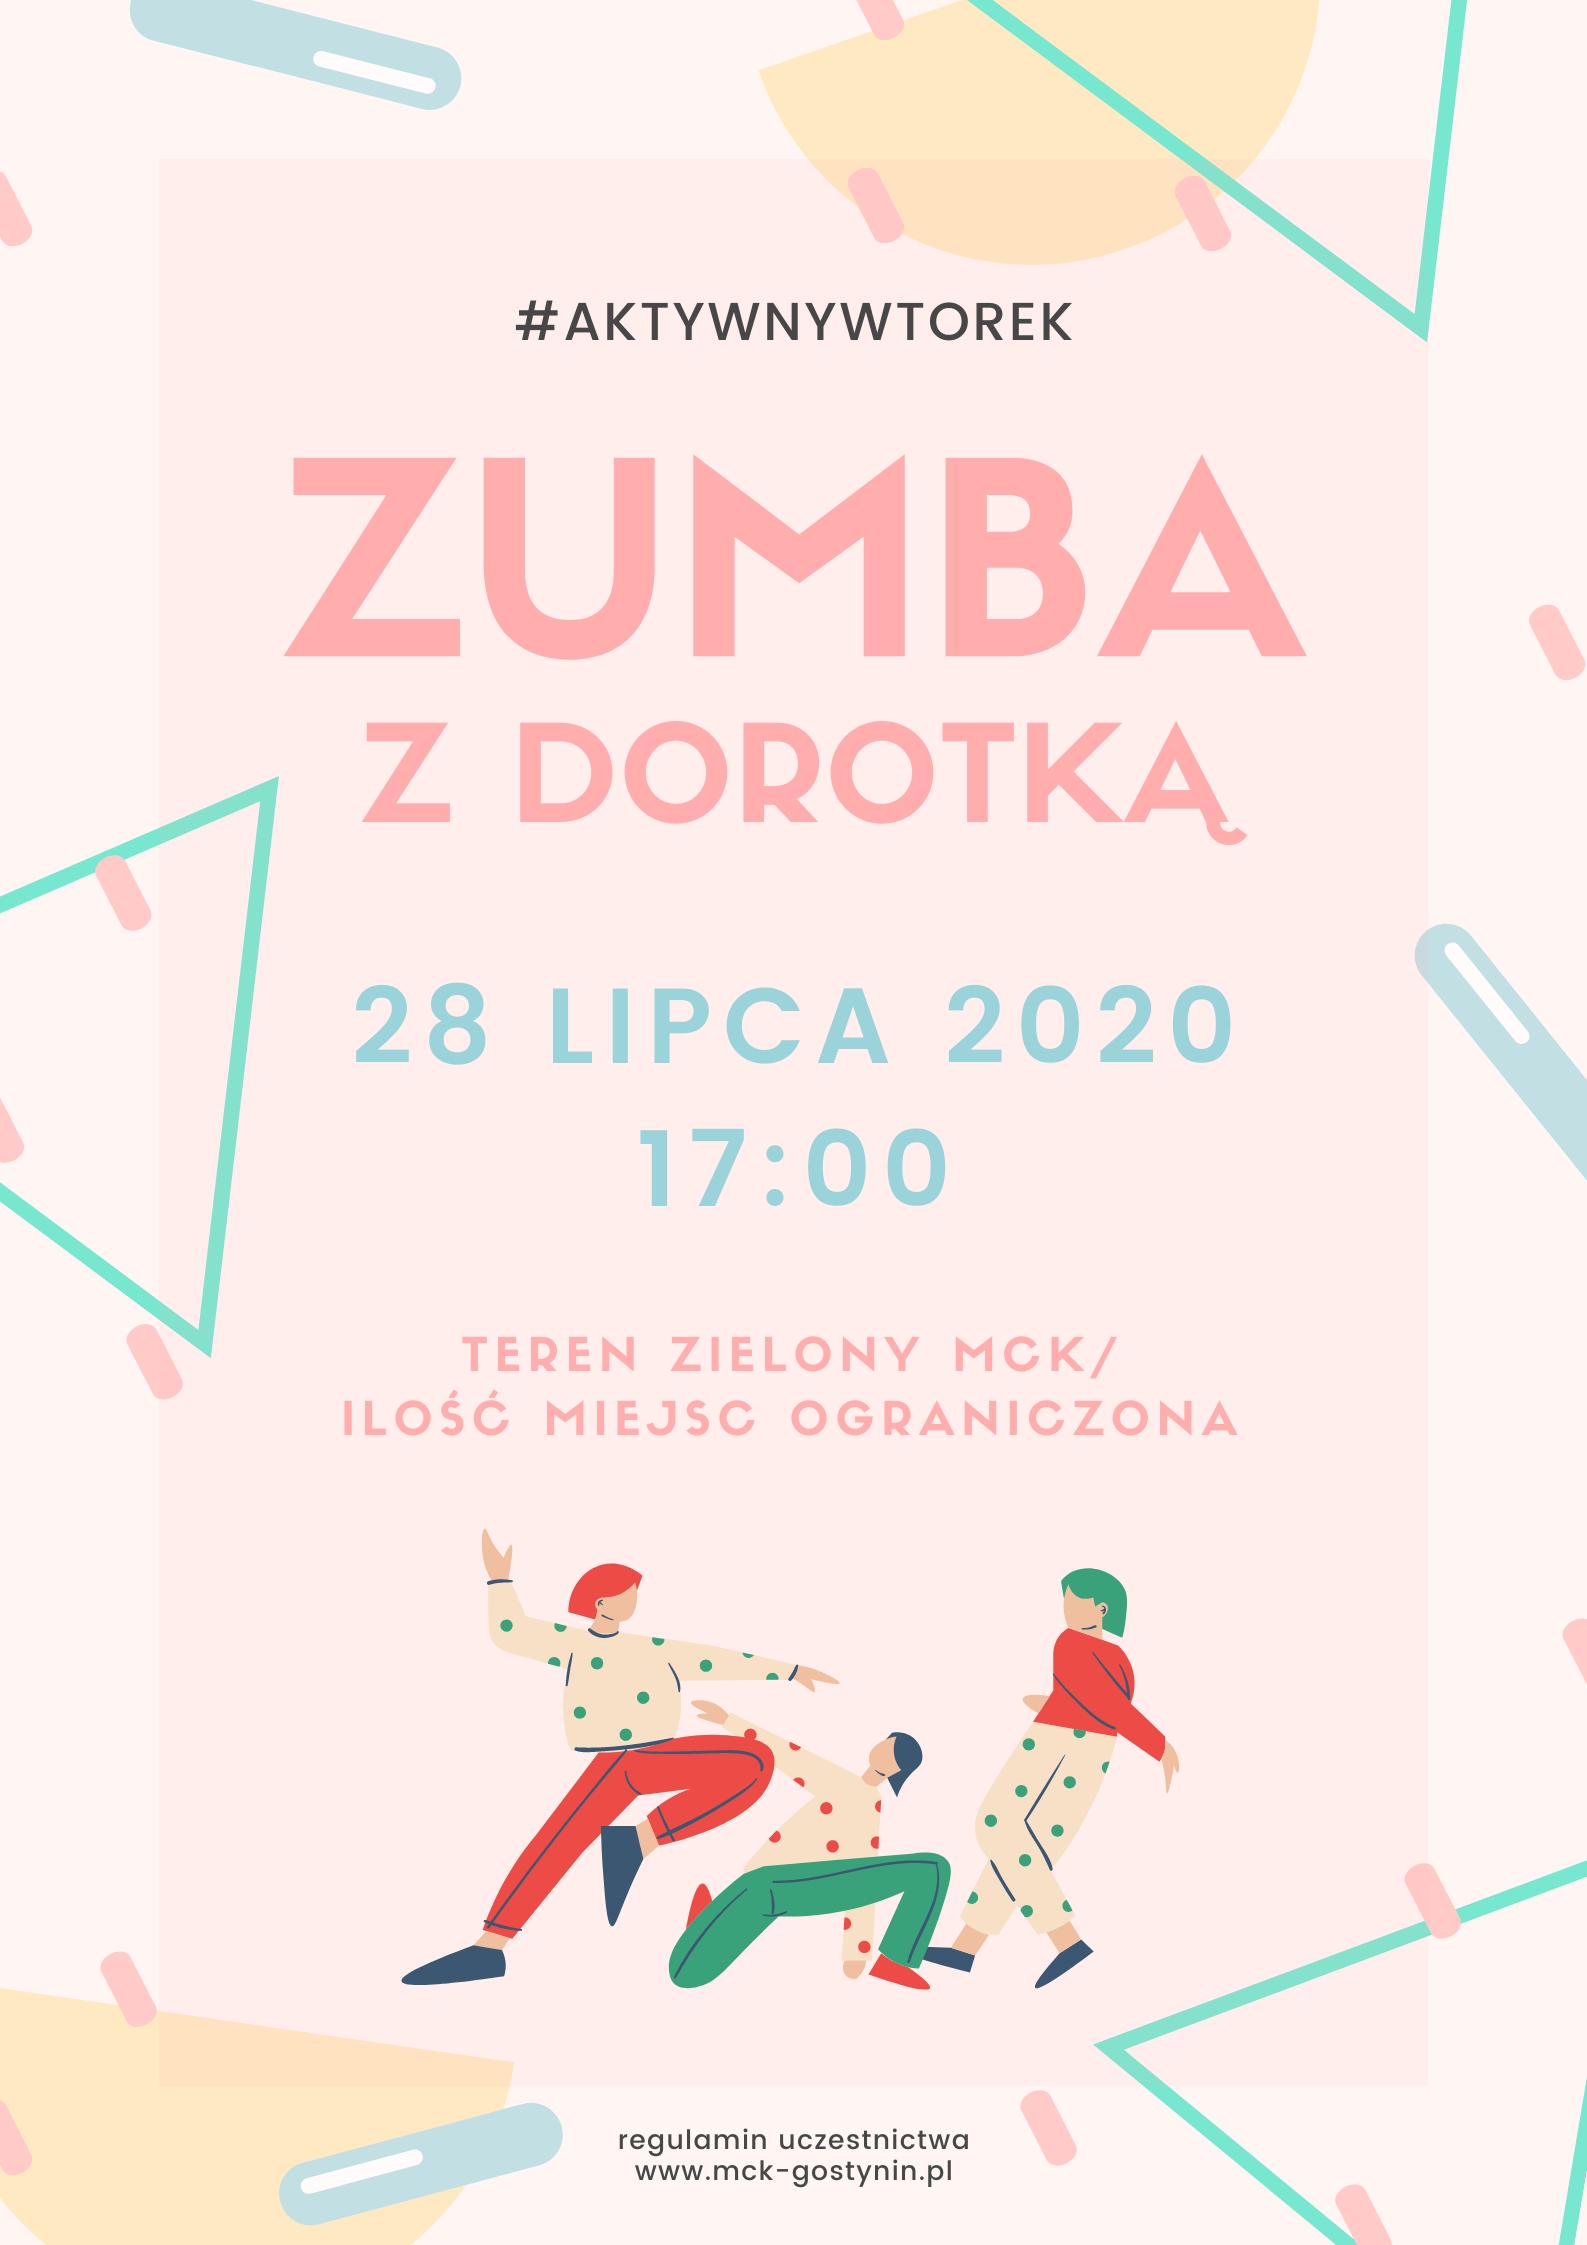 28/07 | Zumba z Dorotką – AKTYWNY WTOREK